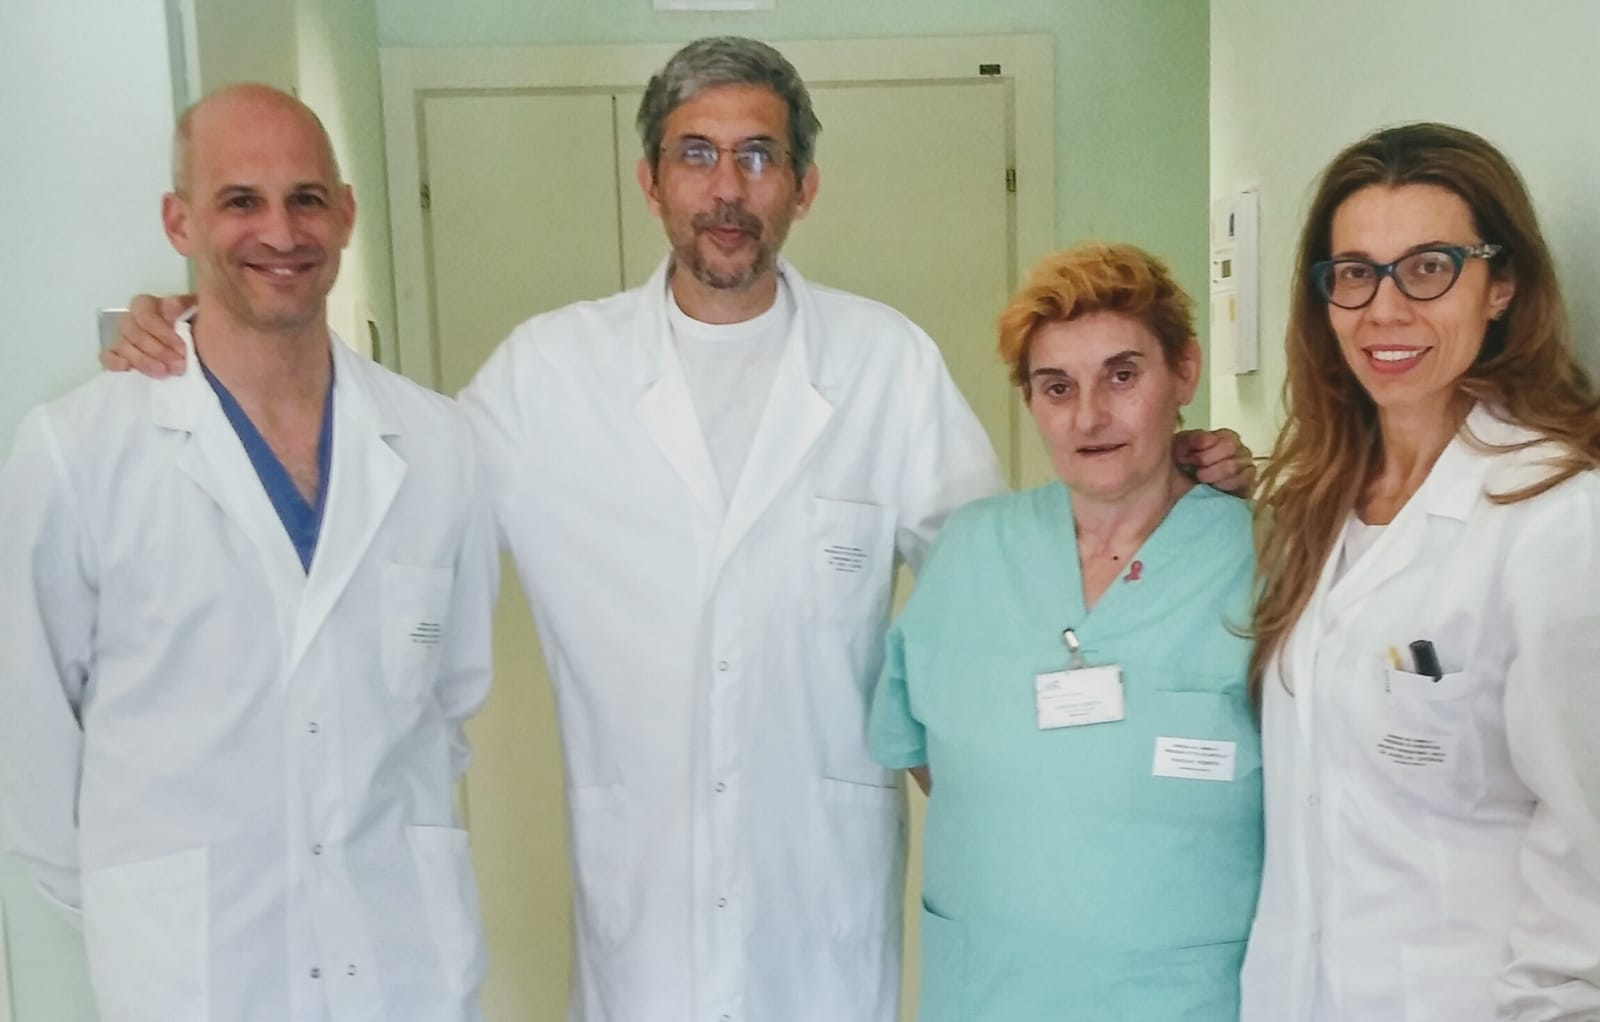 Linfonodi sentinella, ospedale di Città di Castello è arrivato Sentimag